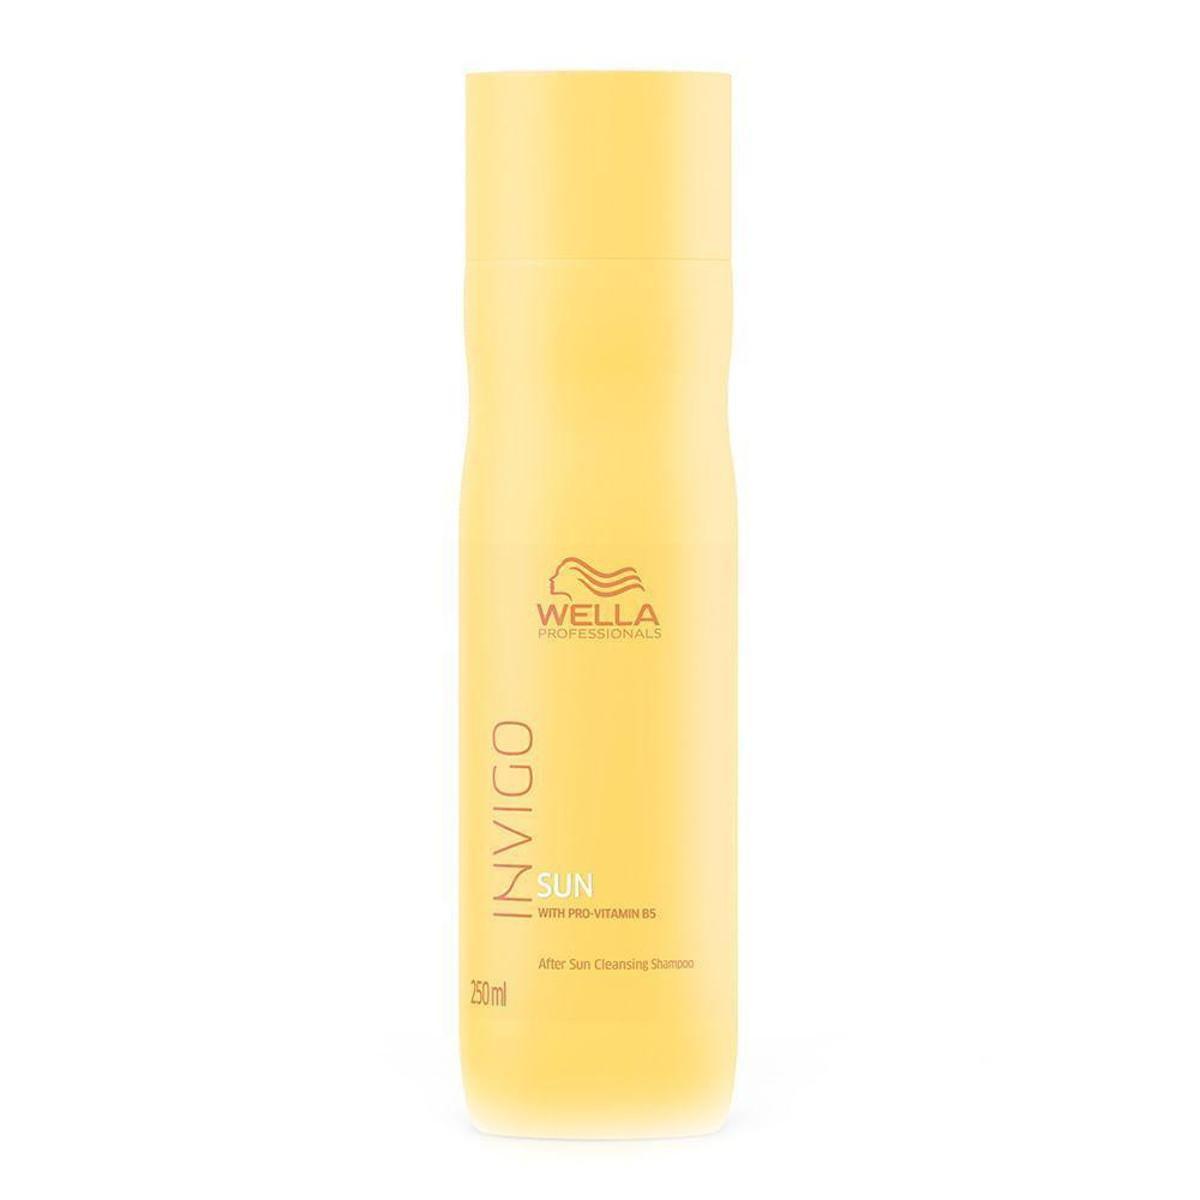 Shampoo Wella Professionals Invigo Sun Pós Sol 250ml - Incolor